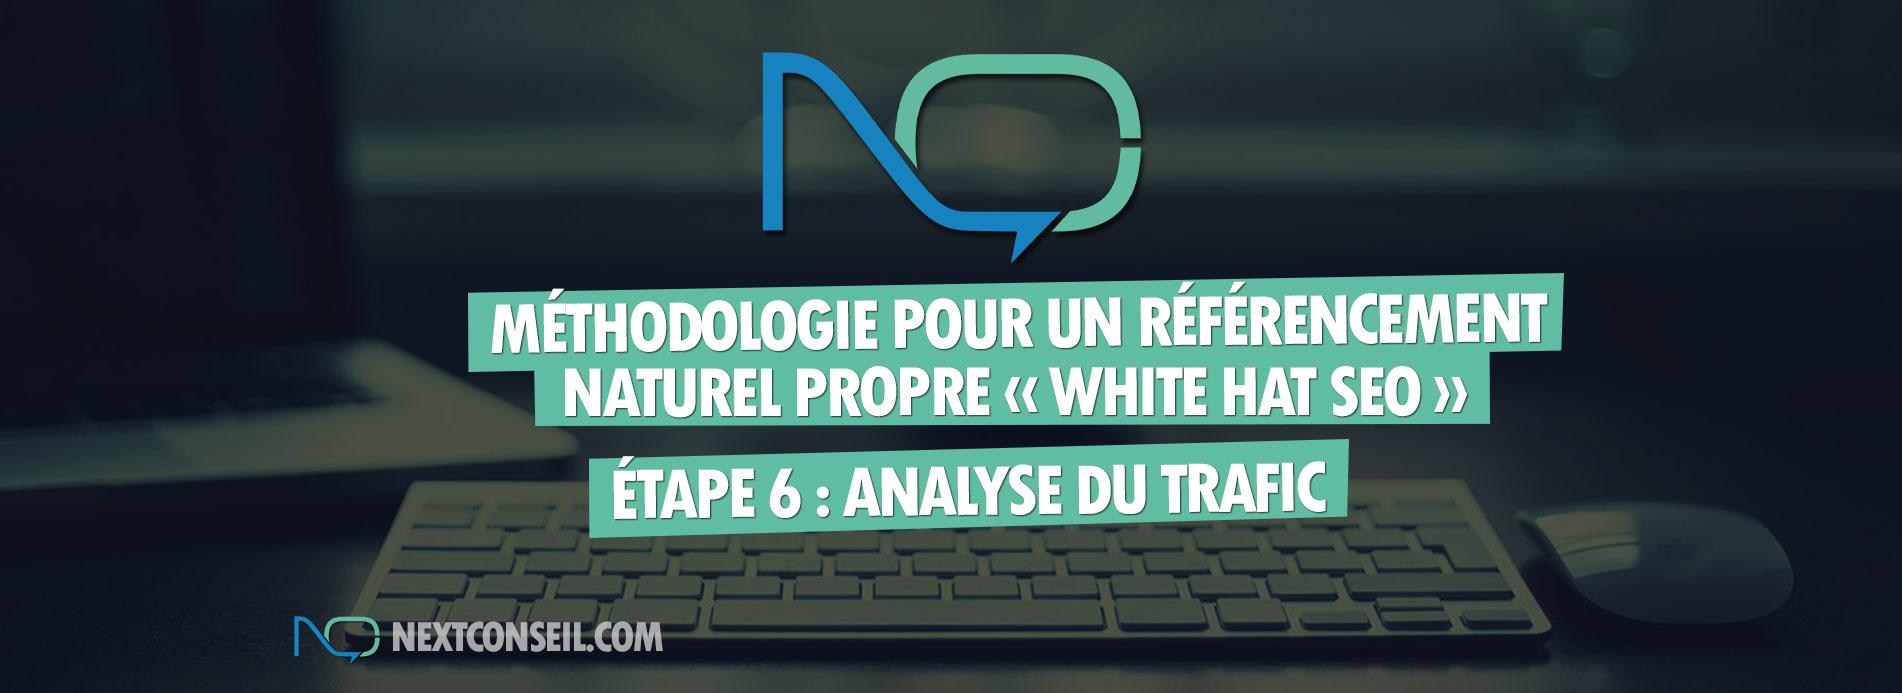 Méthodologie pour un référencement naturel white hat seo - Etape 6